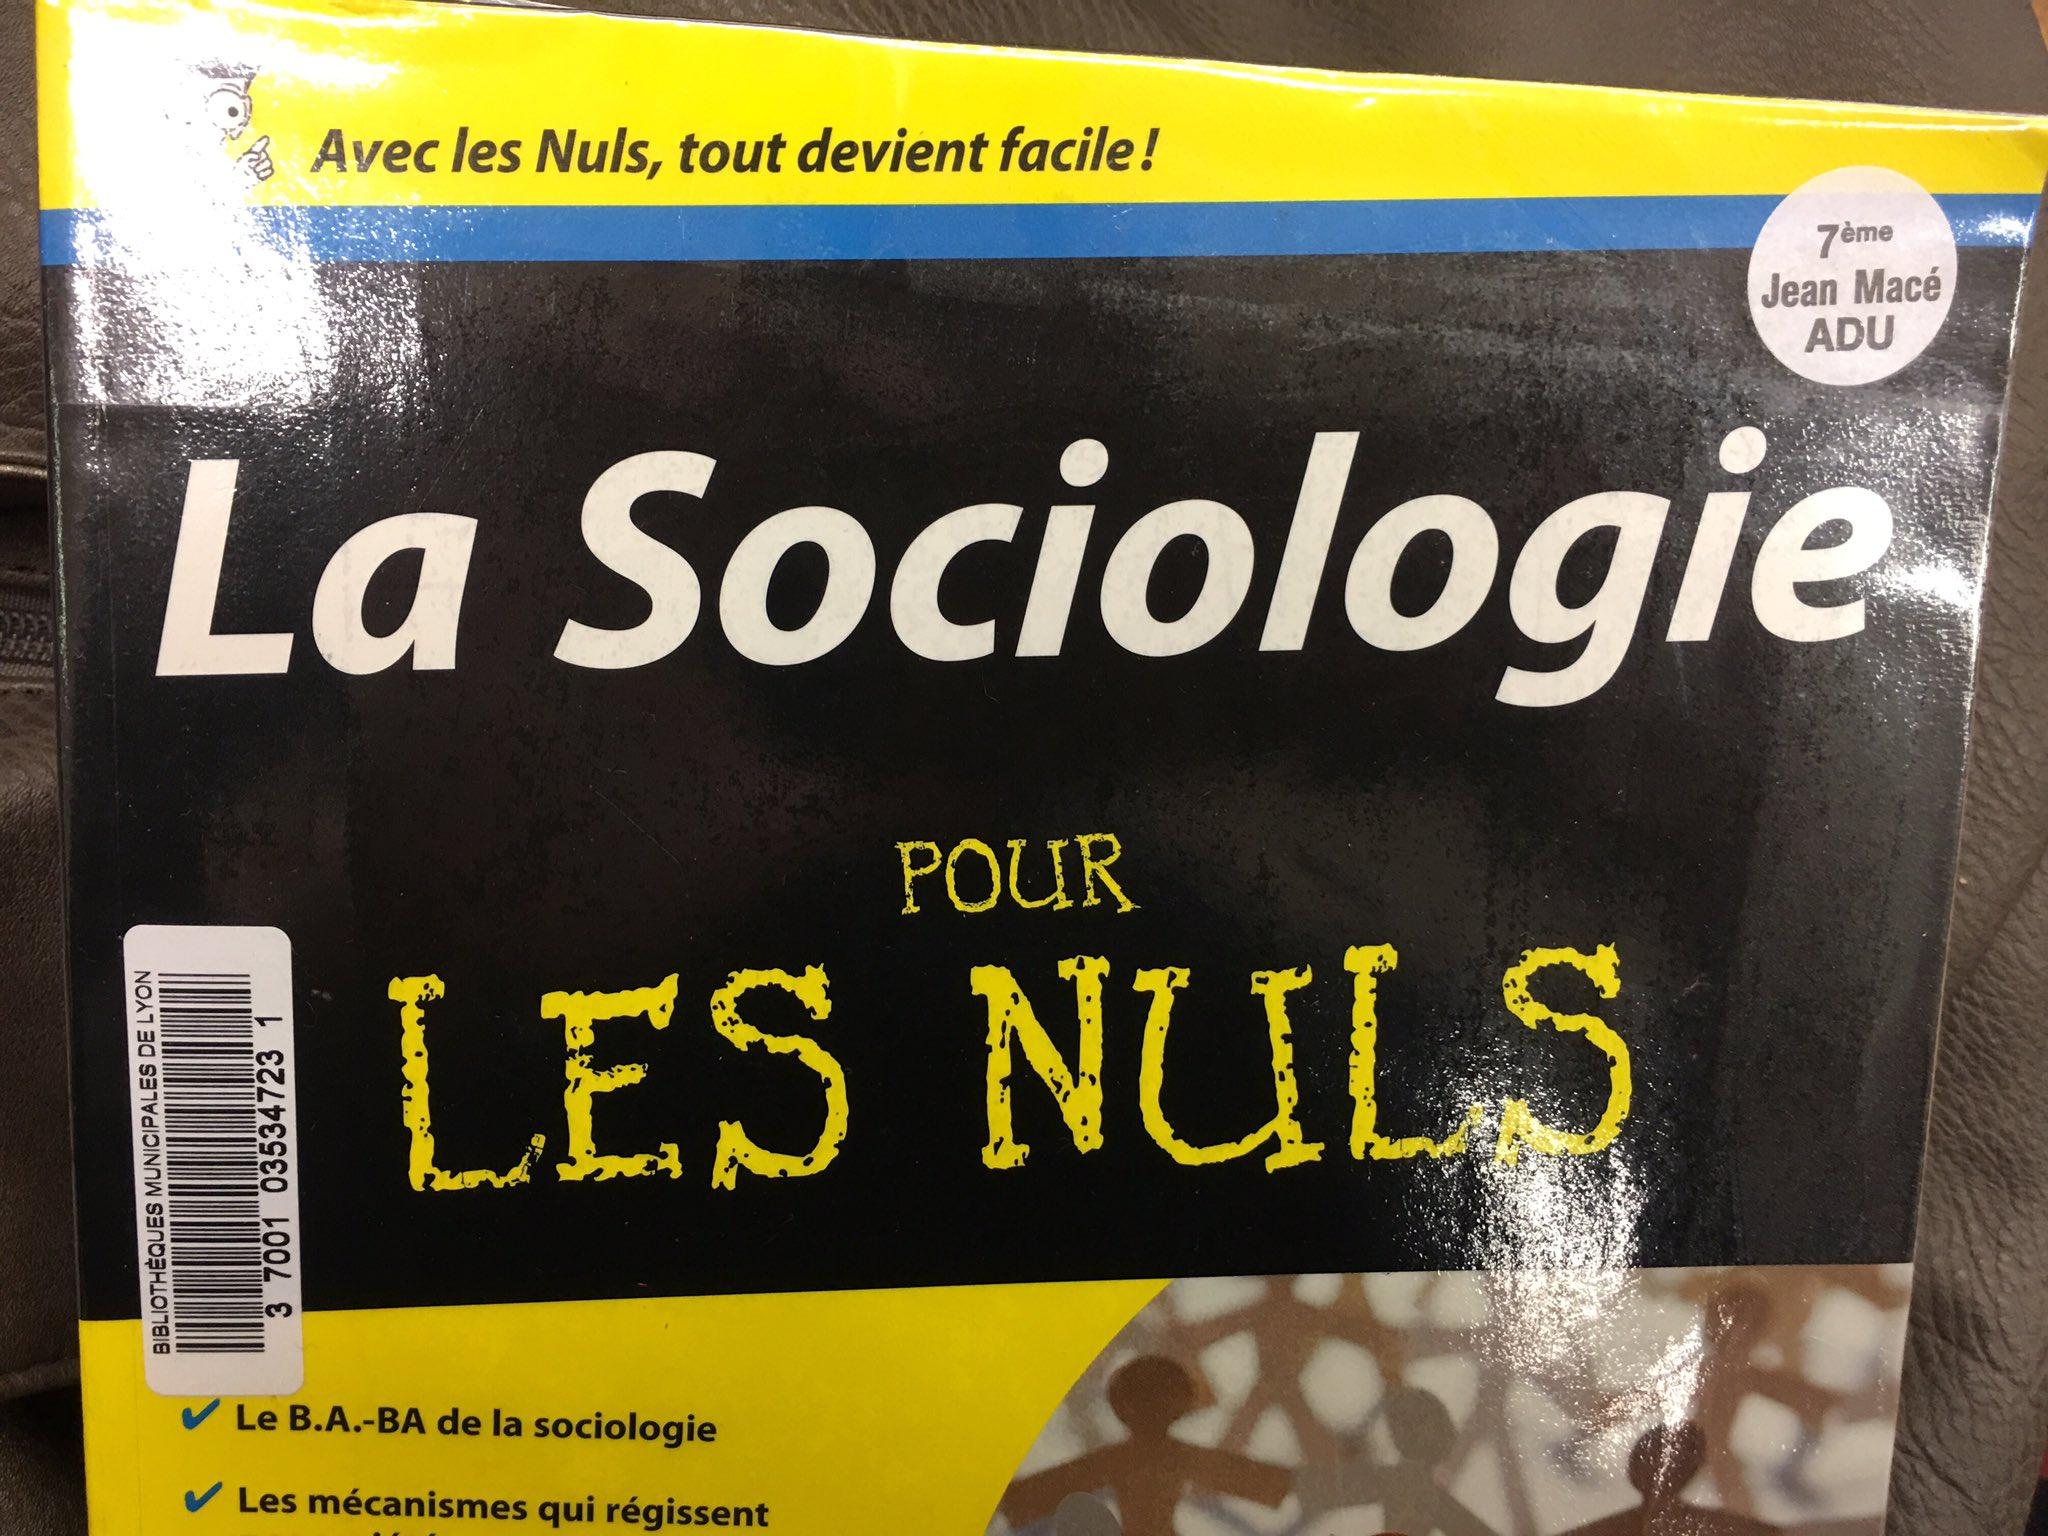 La sociologie, on aime on aime pas, on comprend ou pas : l'important, c'est la base !! 😃🤓 https://t.co/hHIseetGqk